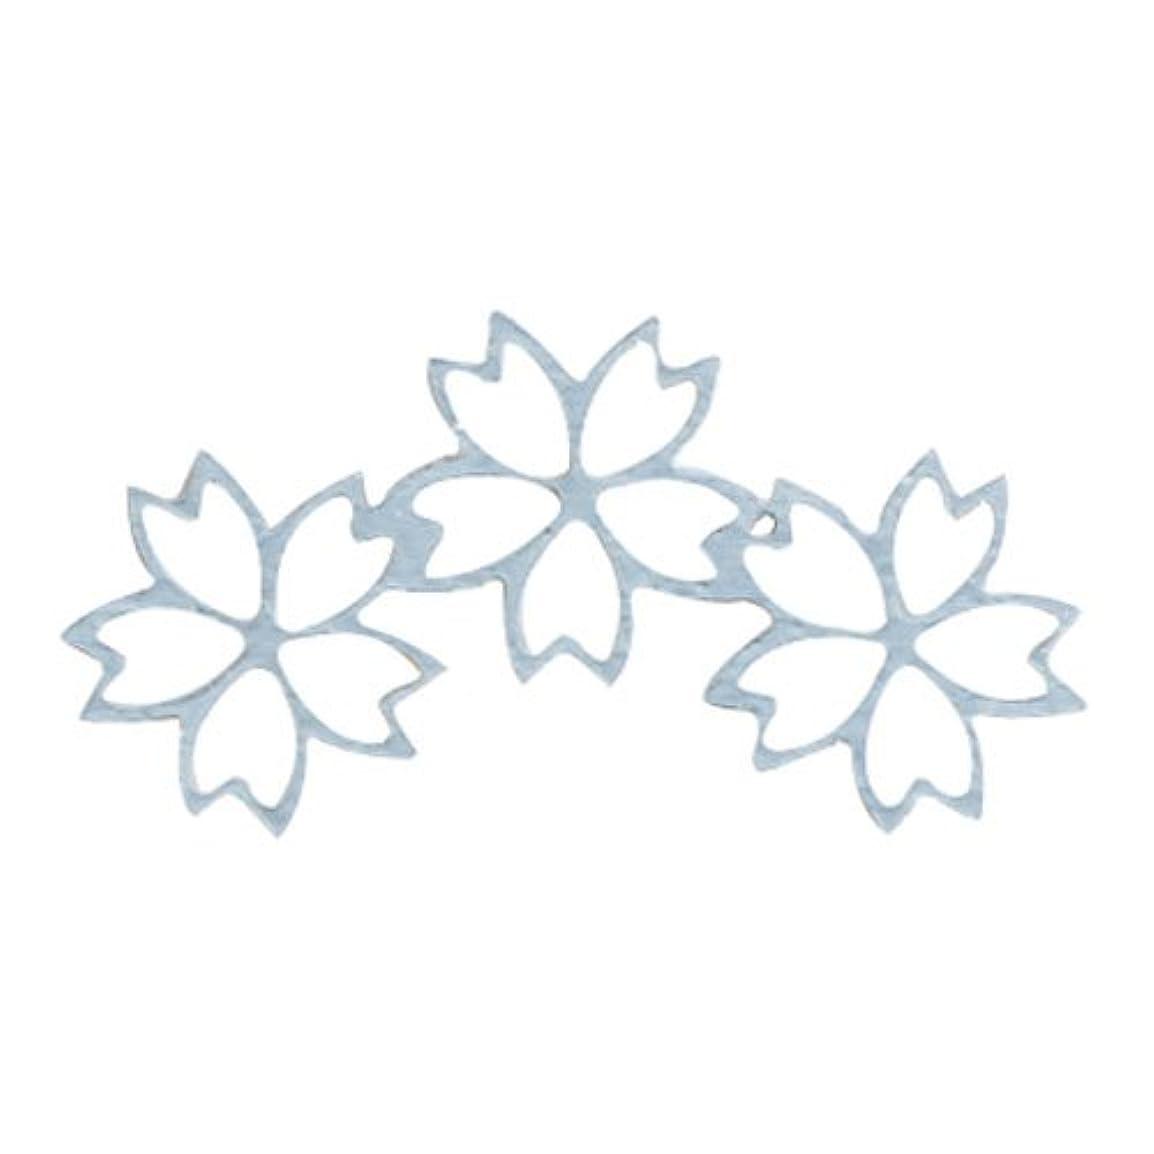 超音速脅威証言するリトルプリティー ネイルアートパーツ チェリーブロッサム3連スカシ シルバー 10個